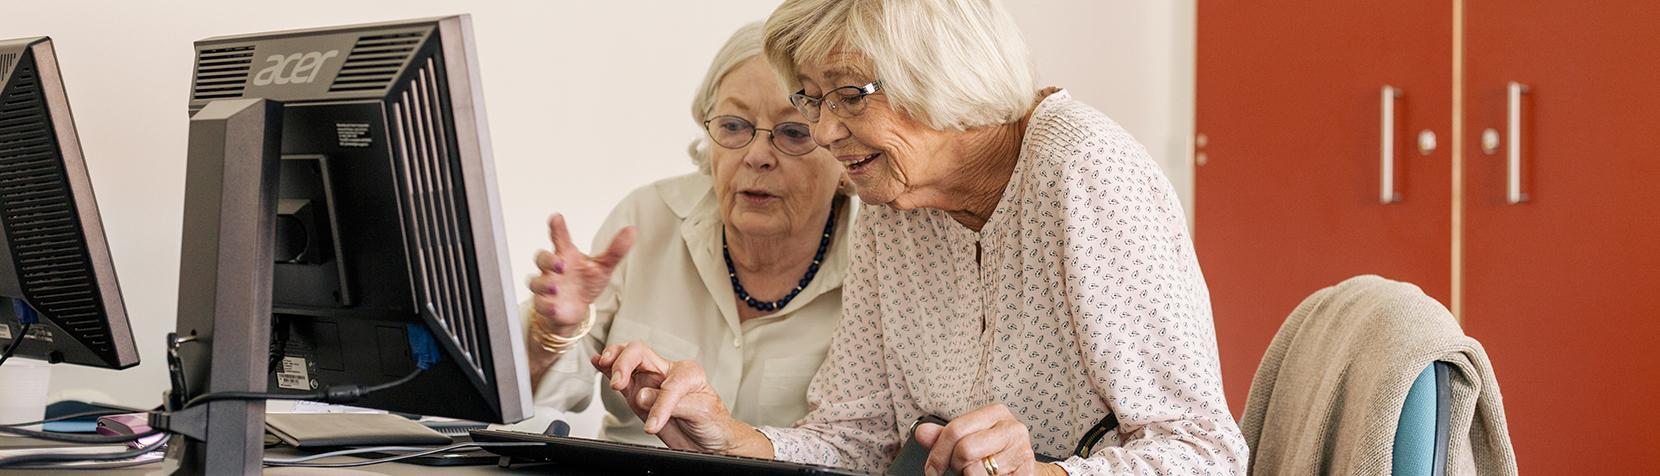 Senior borgere arbejder ved computer